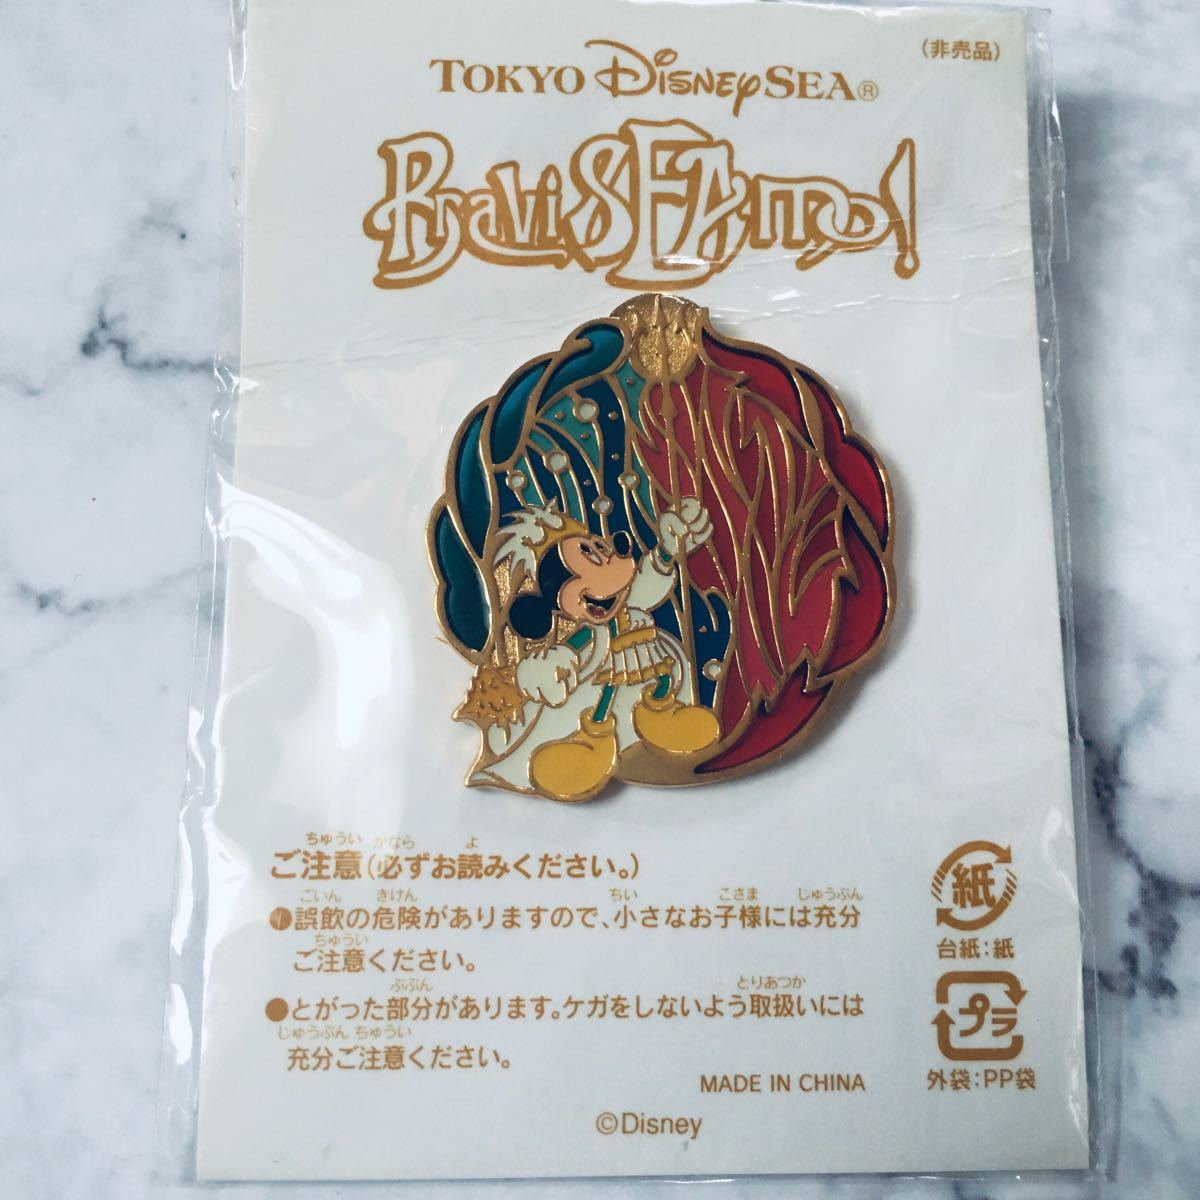 【非売品】TDS ブラヴィッシーモ!  ピンバッジ ピンバッチ